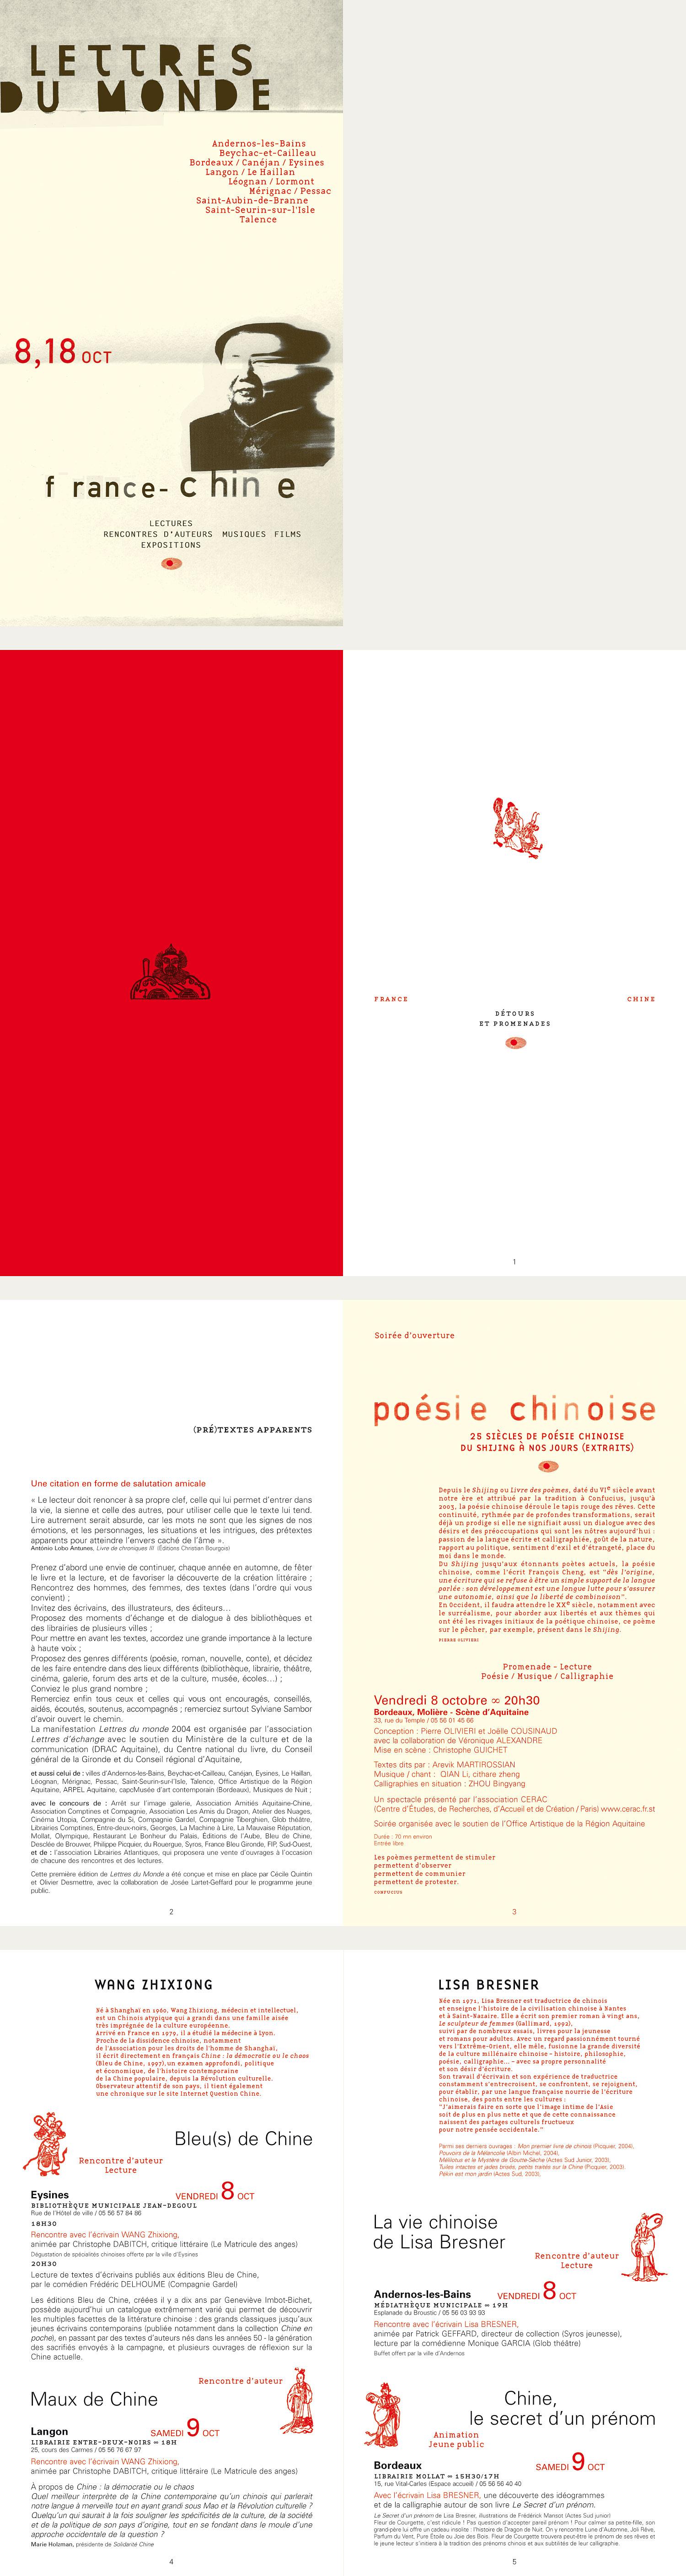 MrThornill-graphisme-lettresmonde-france-chine-detours-promenades-2004-ph2